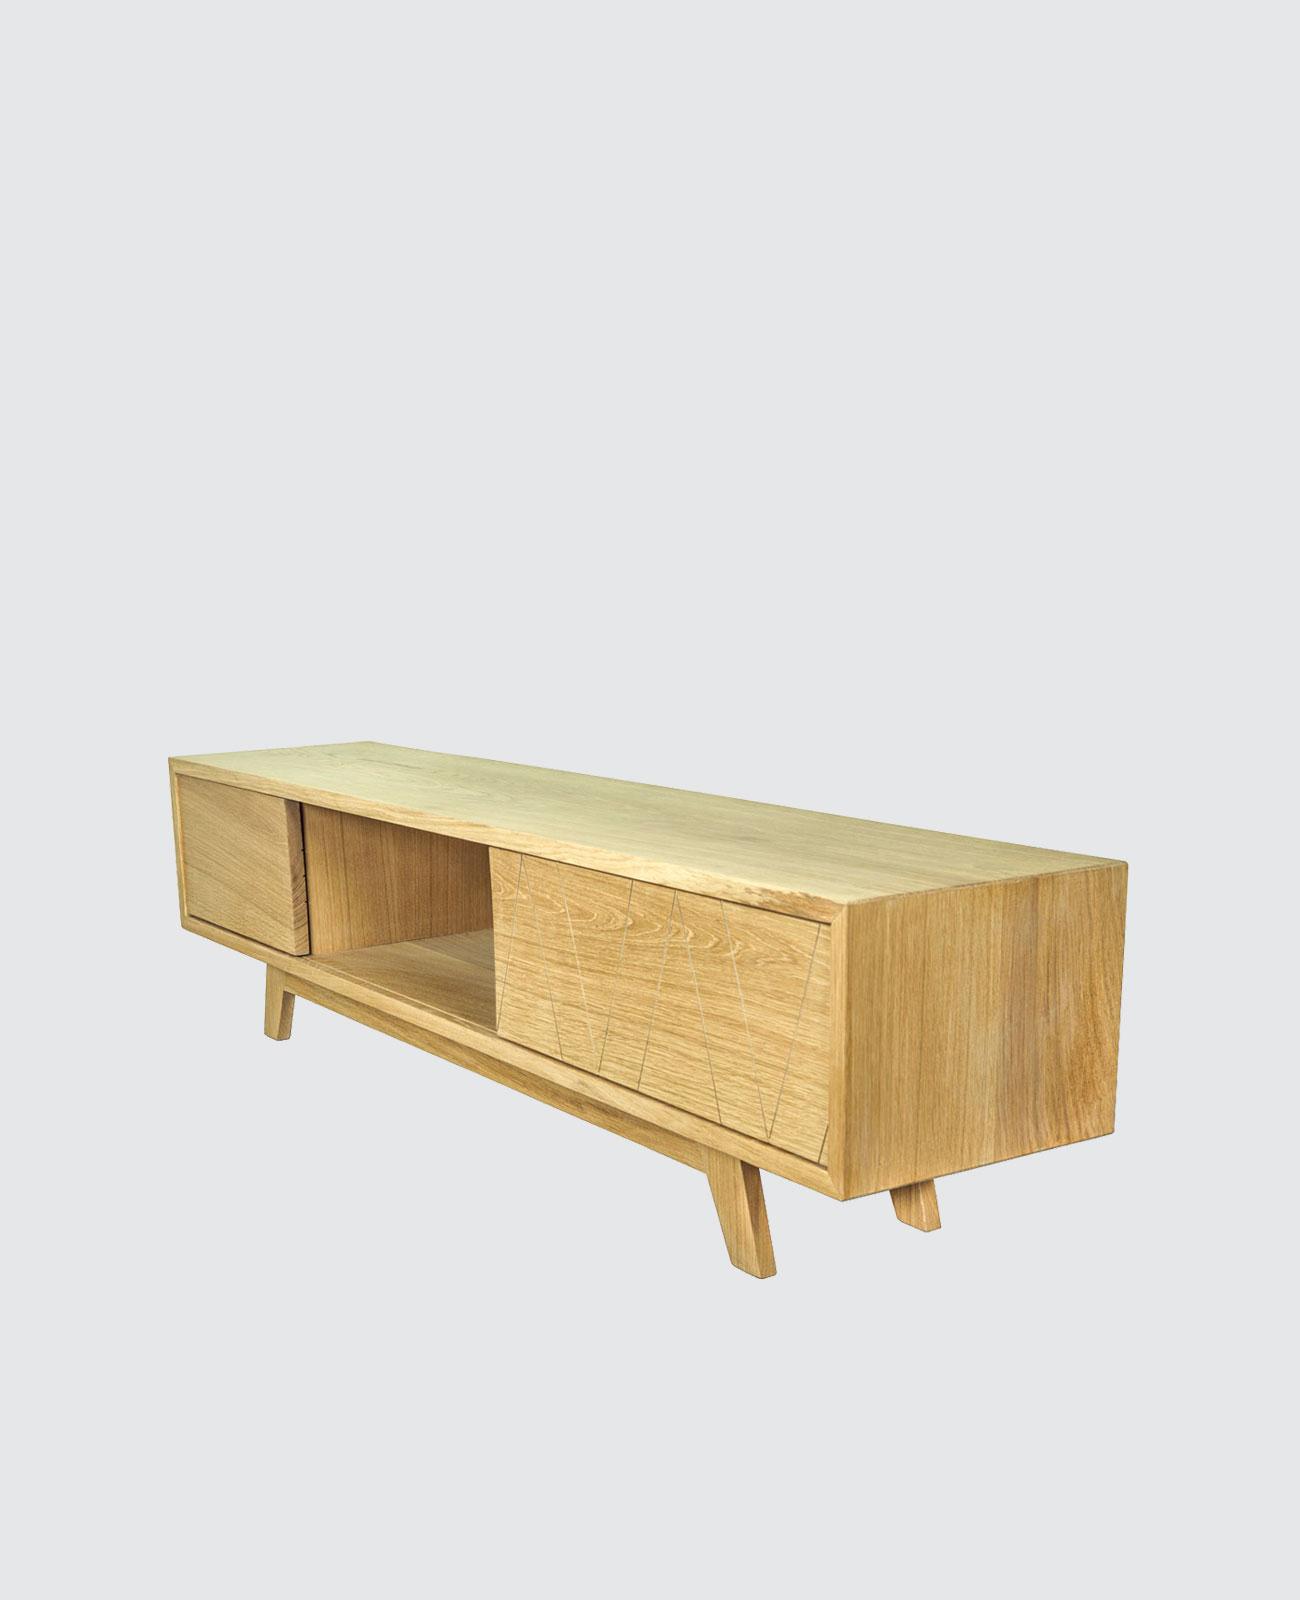 Meuble Tv Bois Massif Fran Ais Scandinave Design Wood Scrap # Meuble Tv Bois